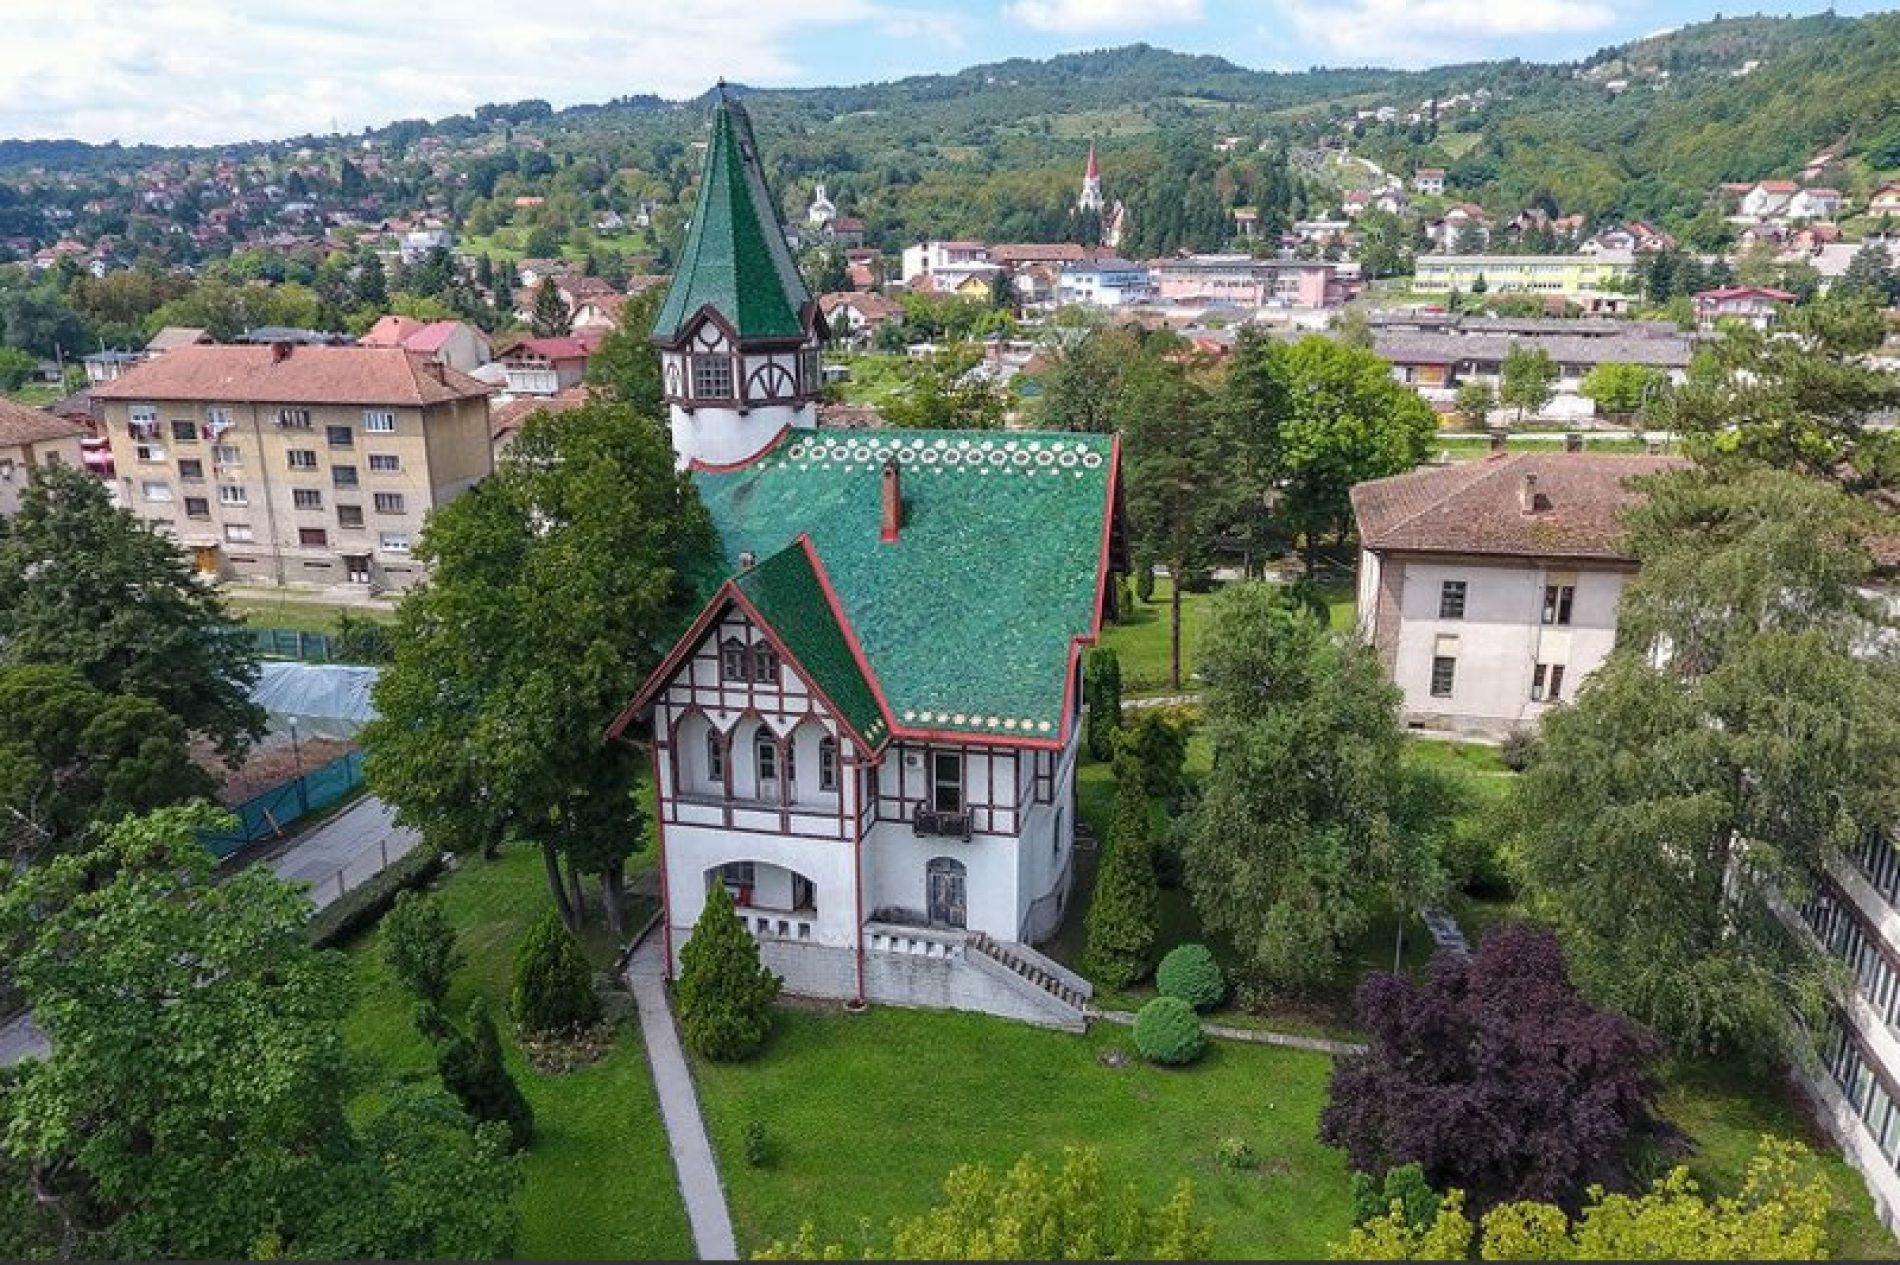 Krivajina vila u Zavidovićima, nacionalni spomenik Bosne i Hercegovine